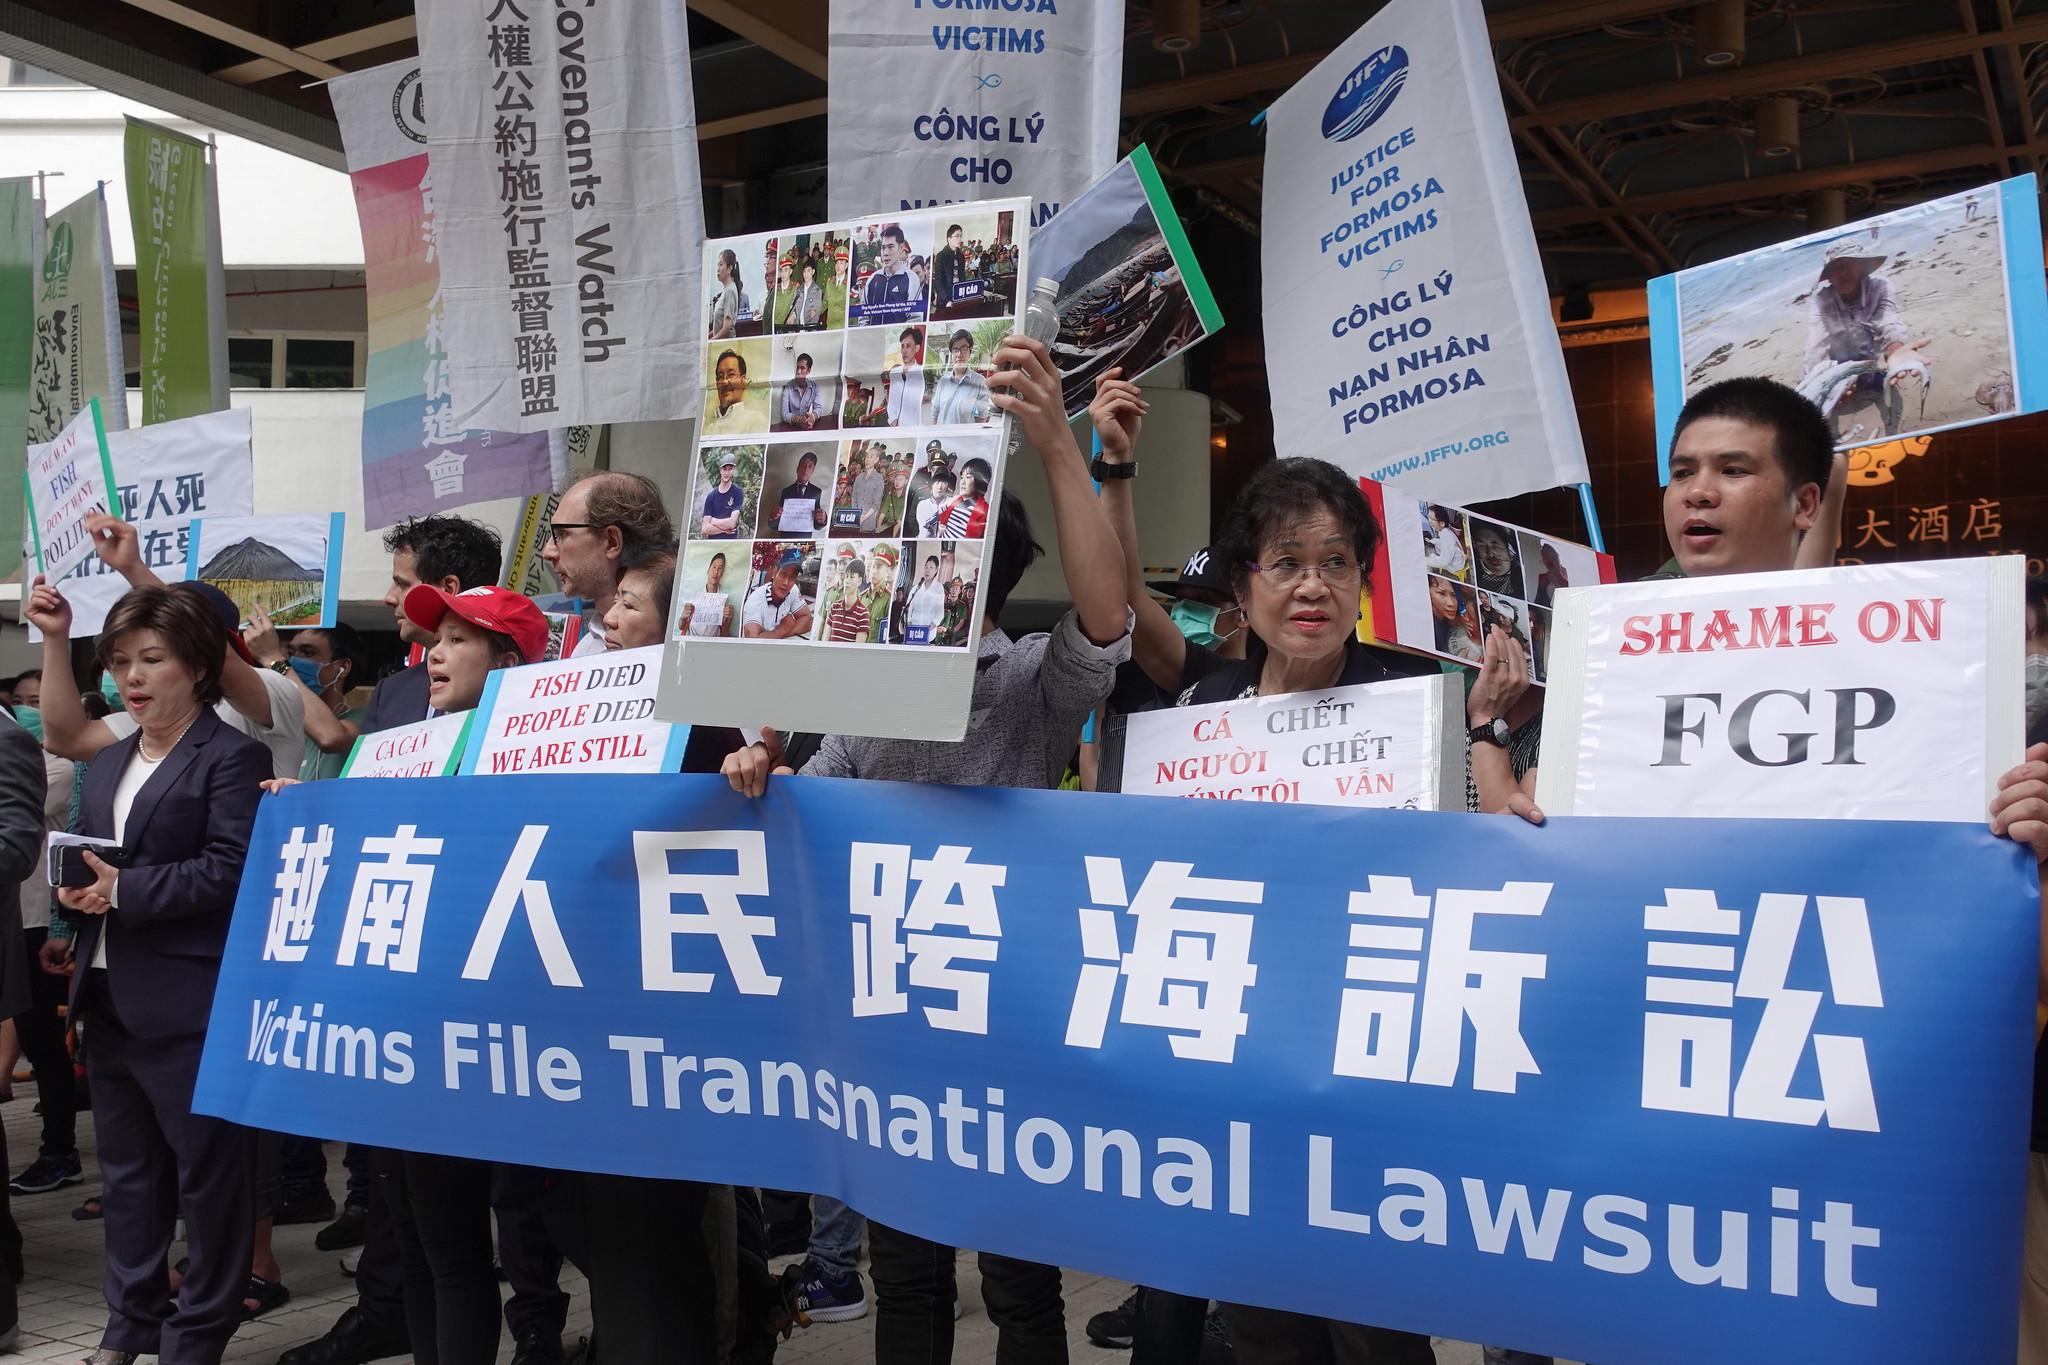 越南團體上午對台塑提出跨國賠償訴訟,之後來到台塑股東會外抗議。(攝影:張智琦)